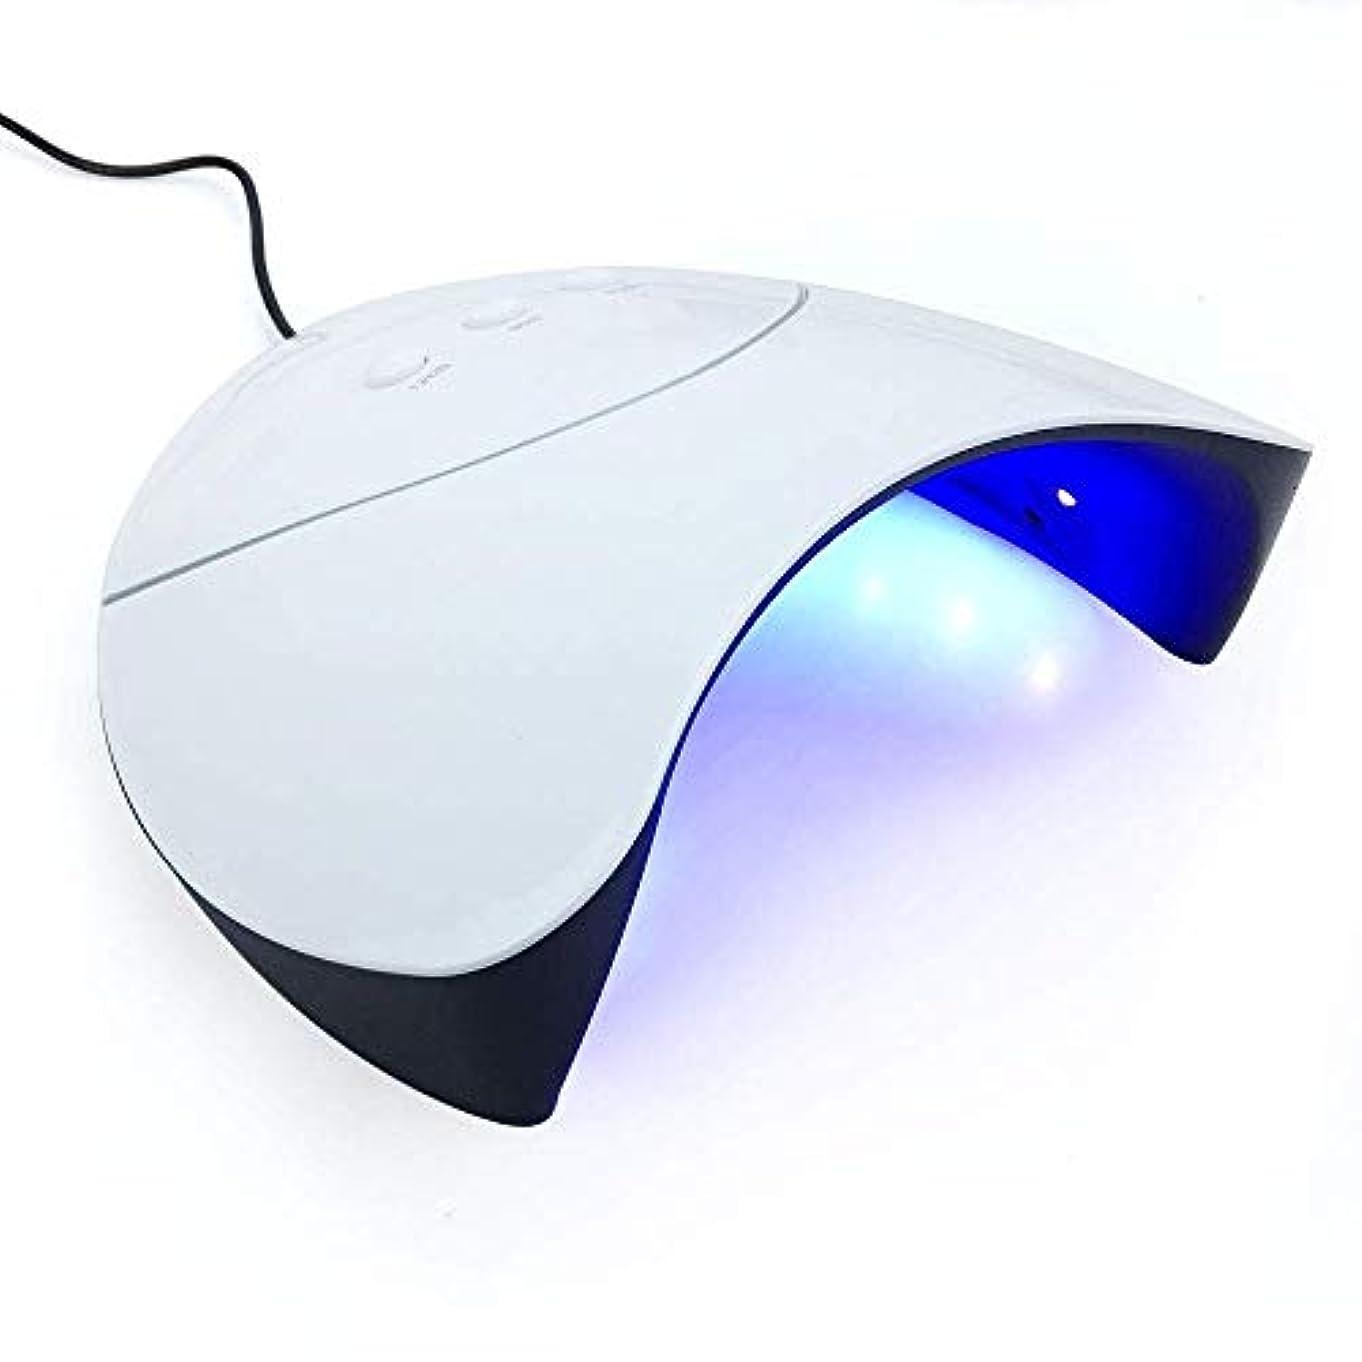 窓手足長方形ネイルドライヤー太陽z3ネイルドライヤー用ゲルポリッシュ36ワットuvランプ用ネイルledランプ硬化ライトネイルアート工作機械110ボルト - 240ボルト